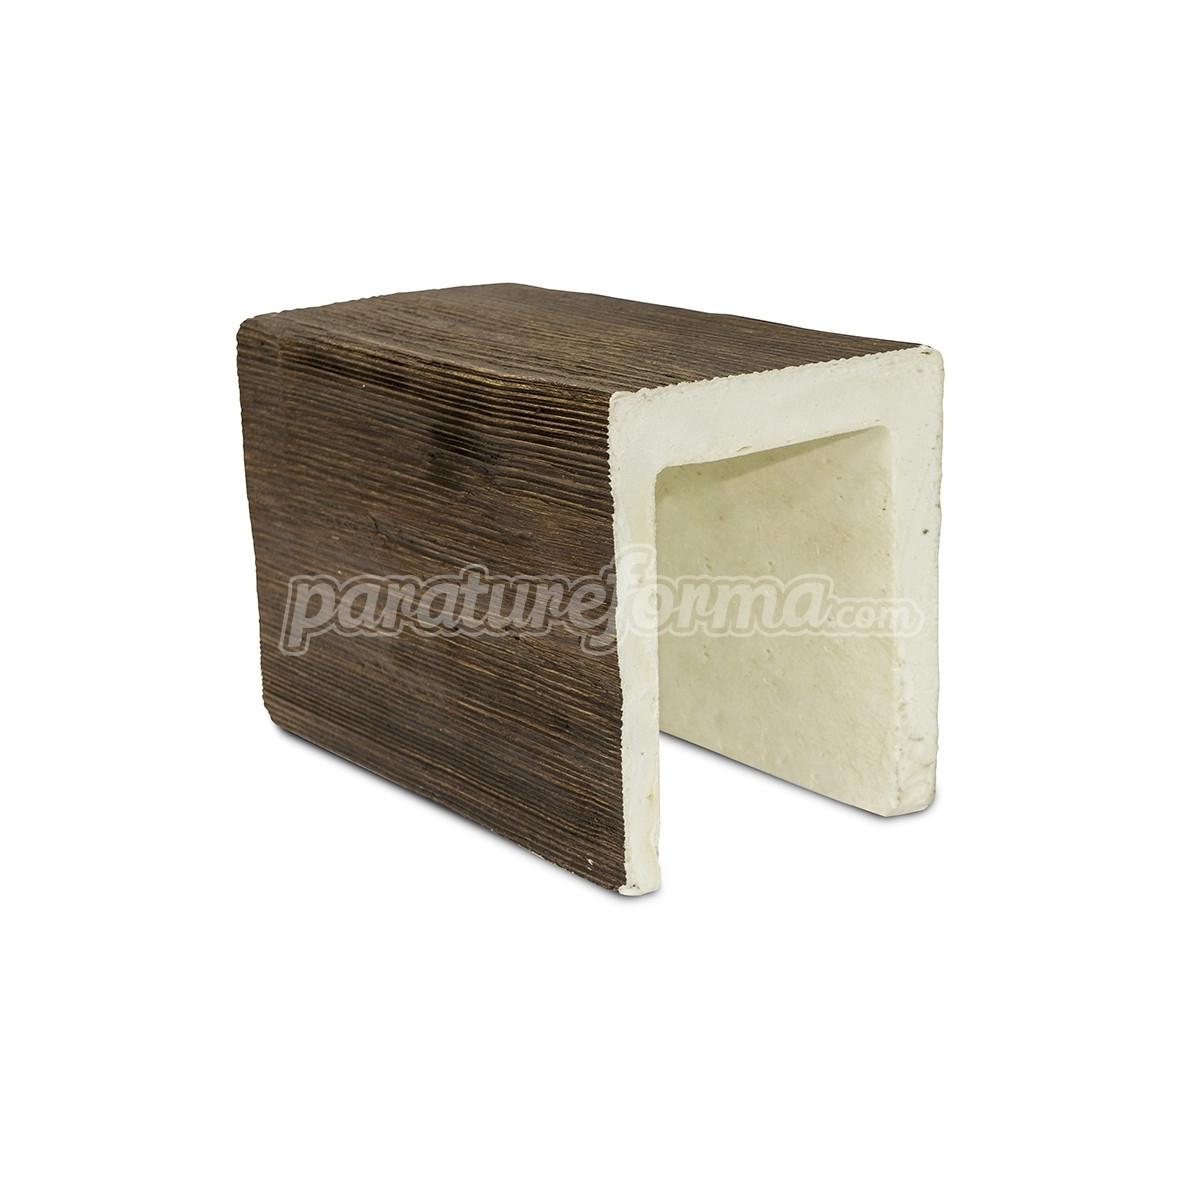 Viga 300x15x18  imitación madera Vigas imitación madera cuadradas